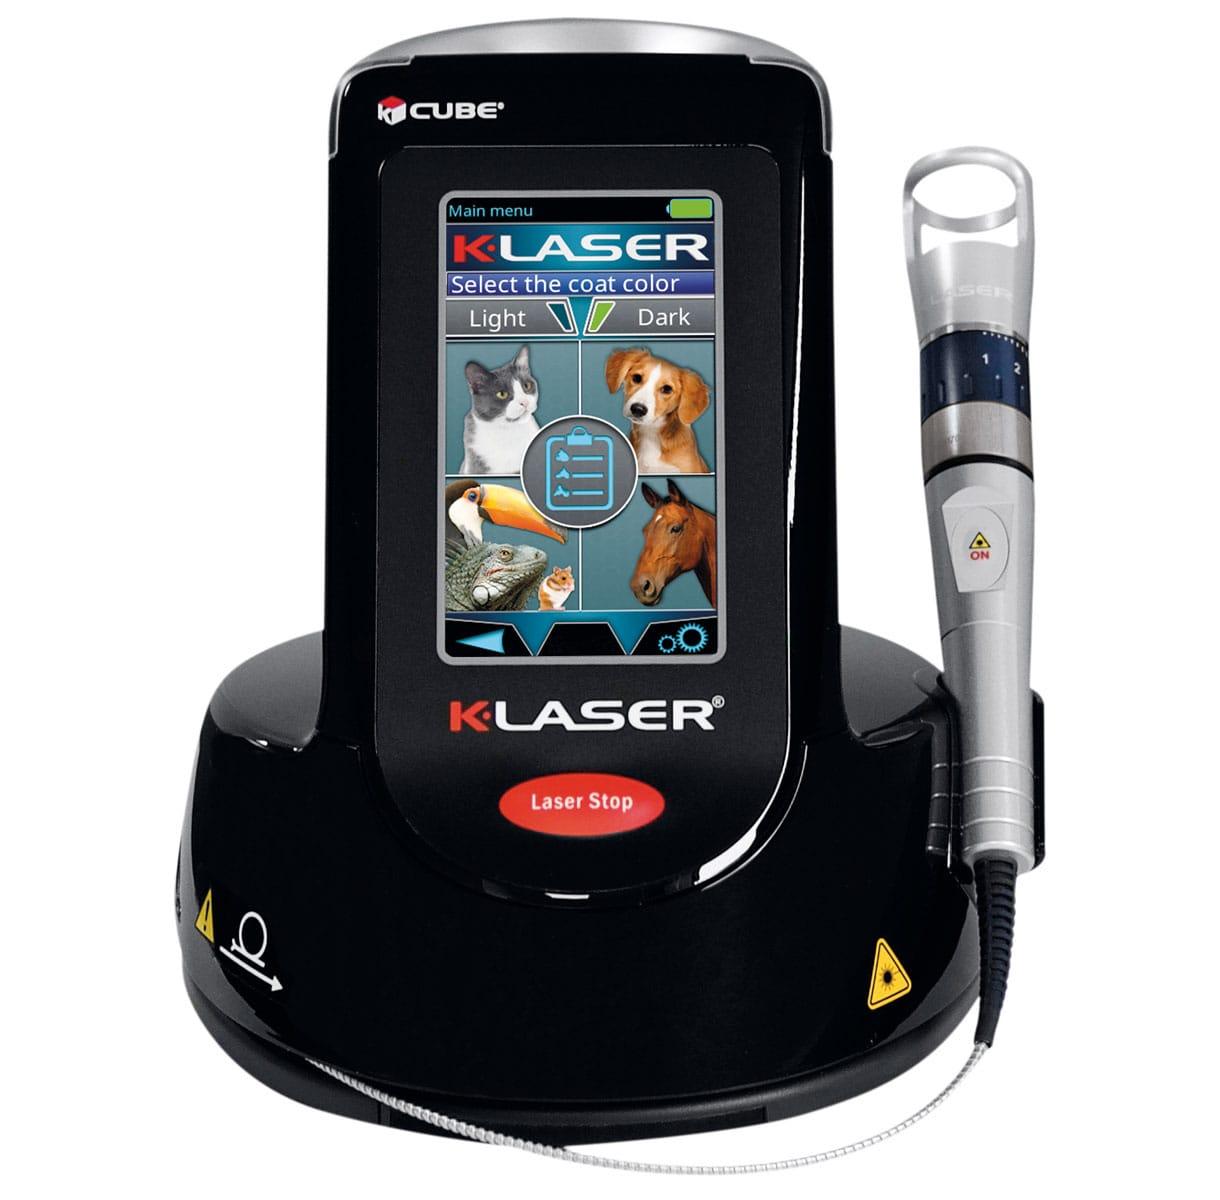 k-laser cube vet